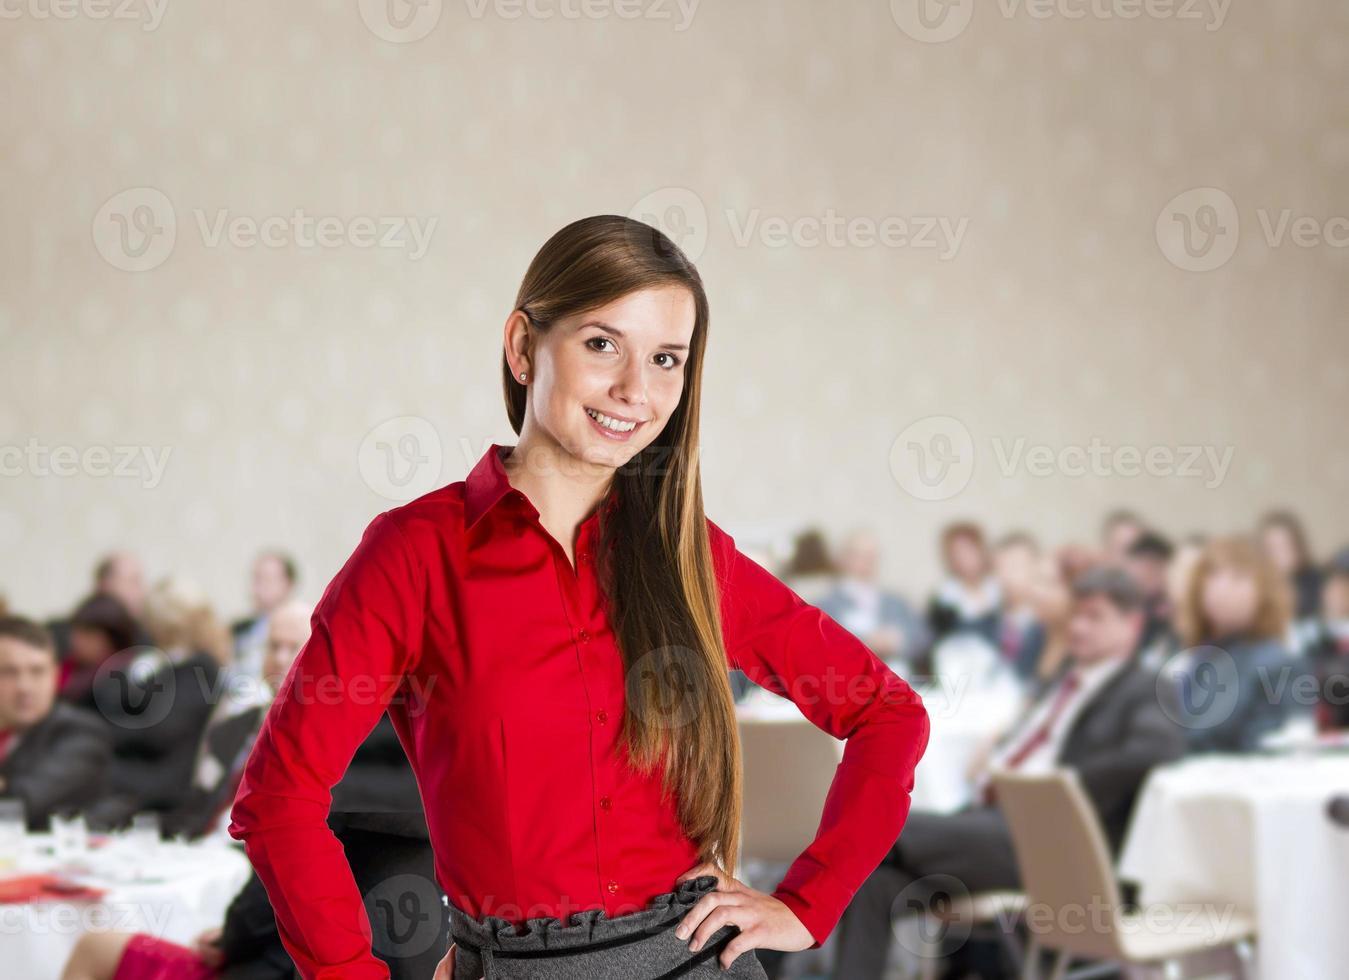 conferencia de negocios foto